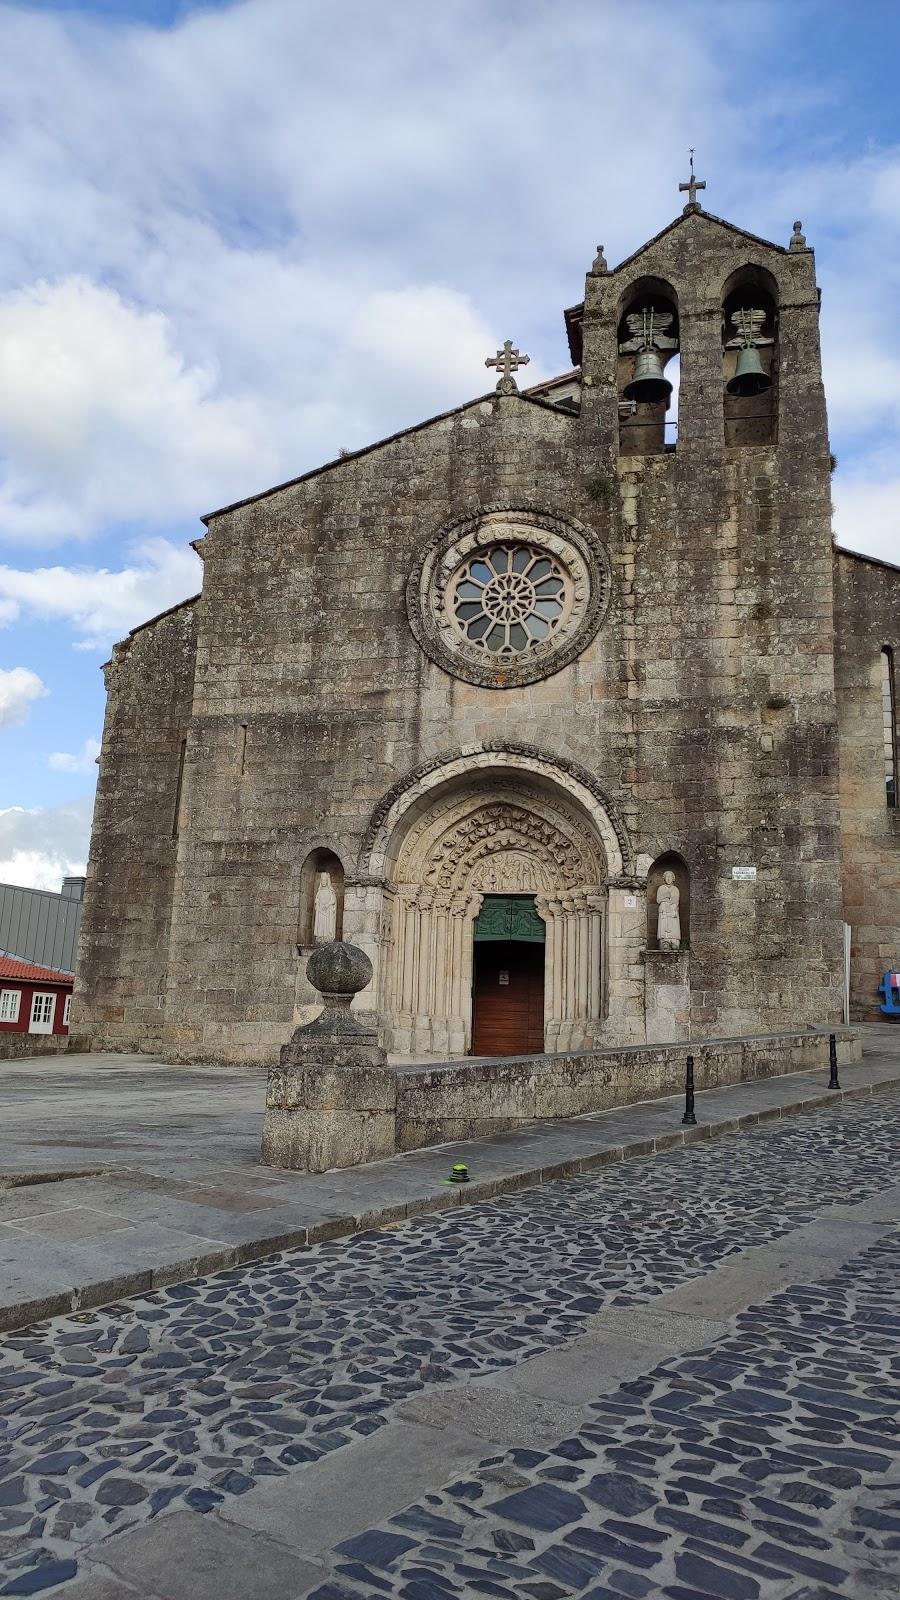 Igrexa de Santa María do Azougue